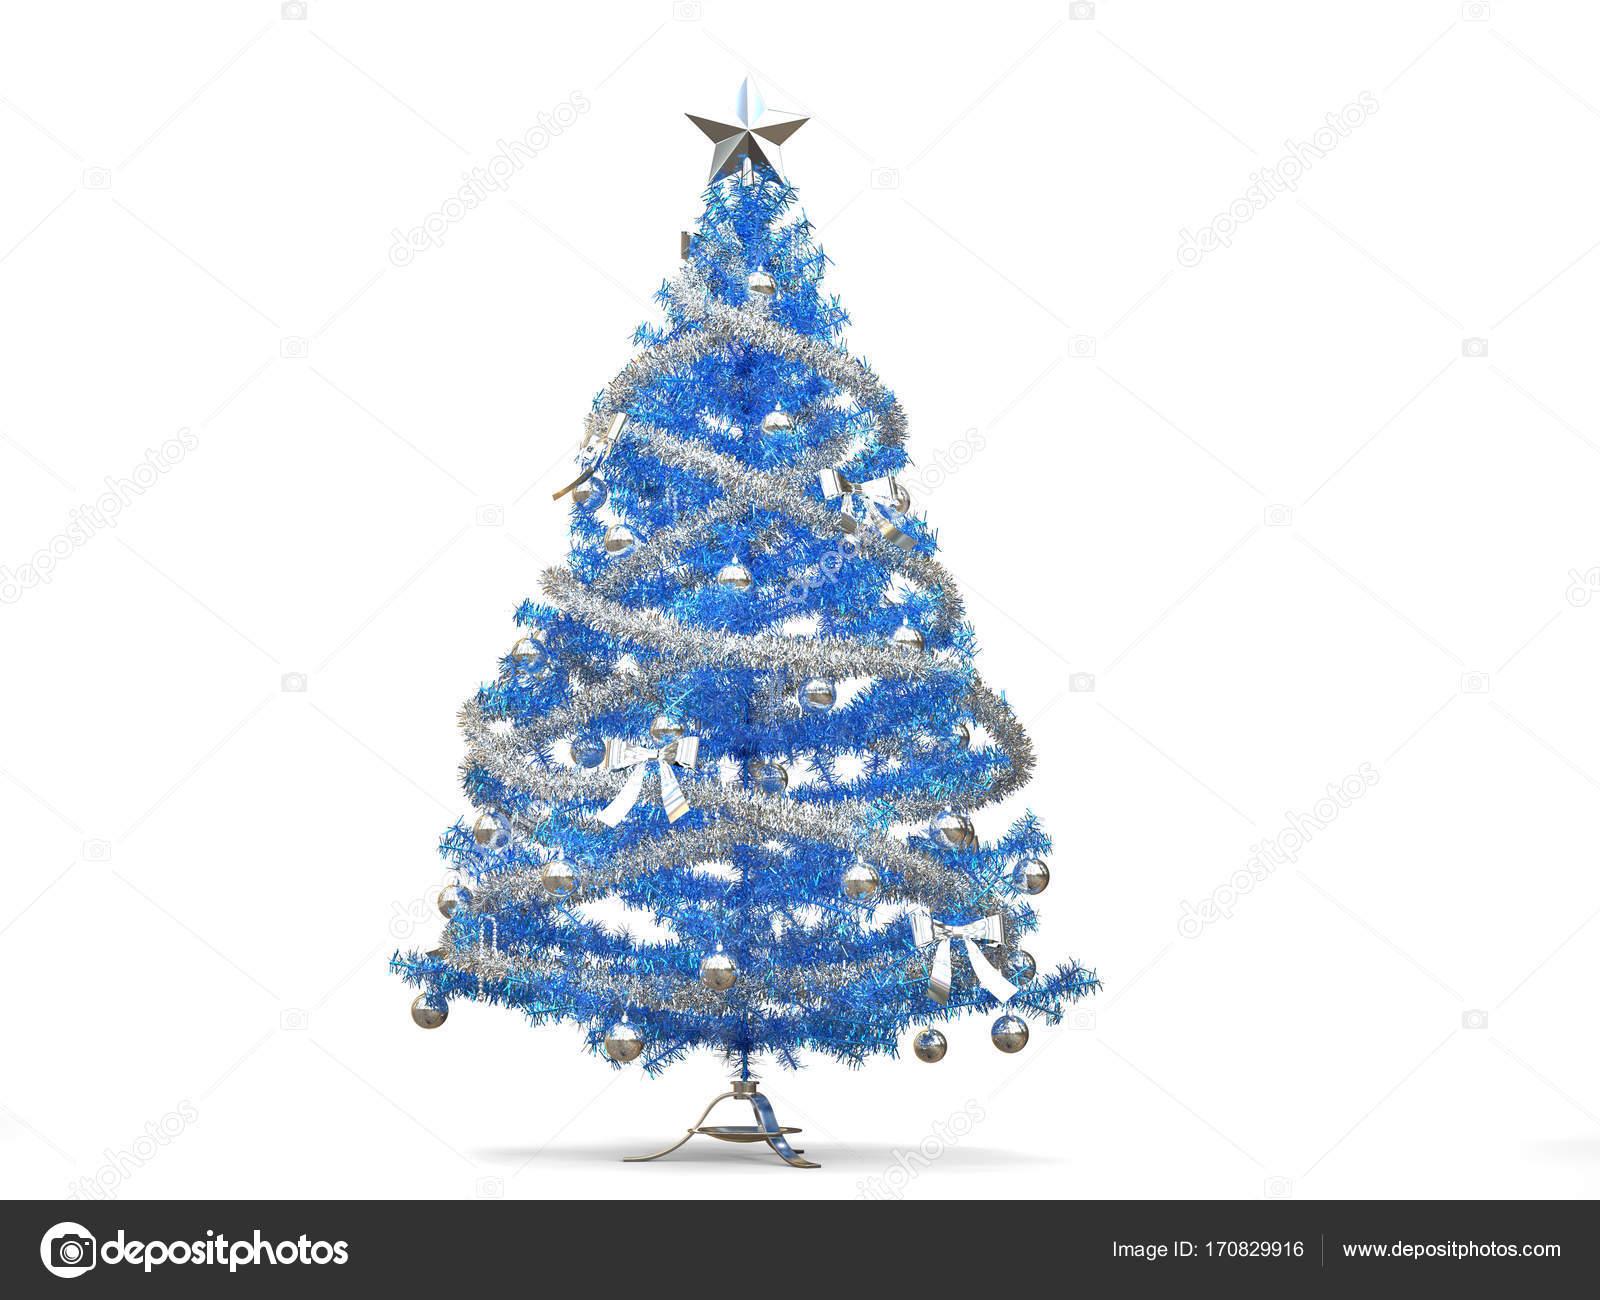 Albero Di Natale Con Decorazioni Blu : Albero di natale blu lucido con tinsel argento e decorazioni u2014 foto